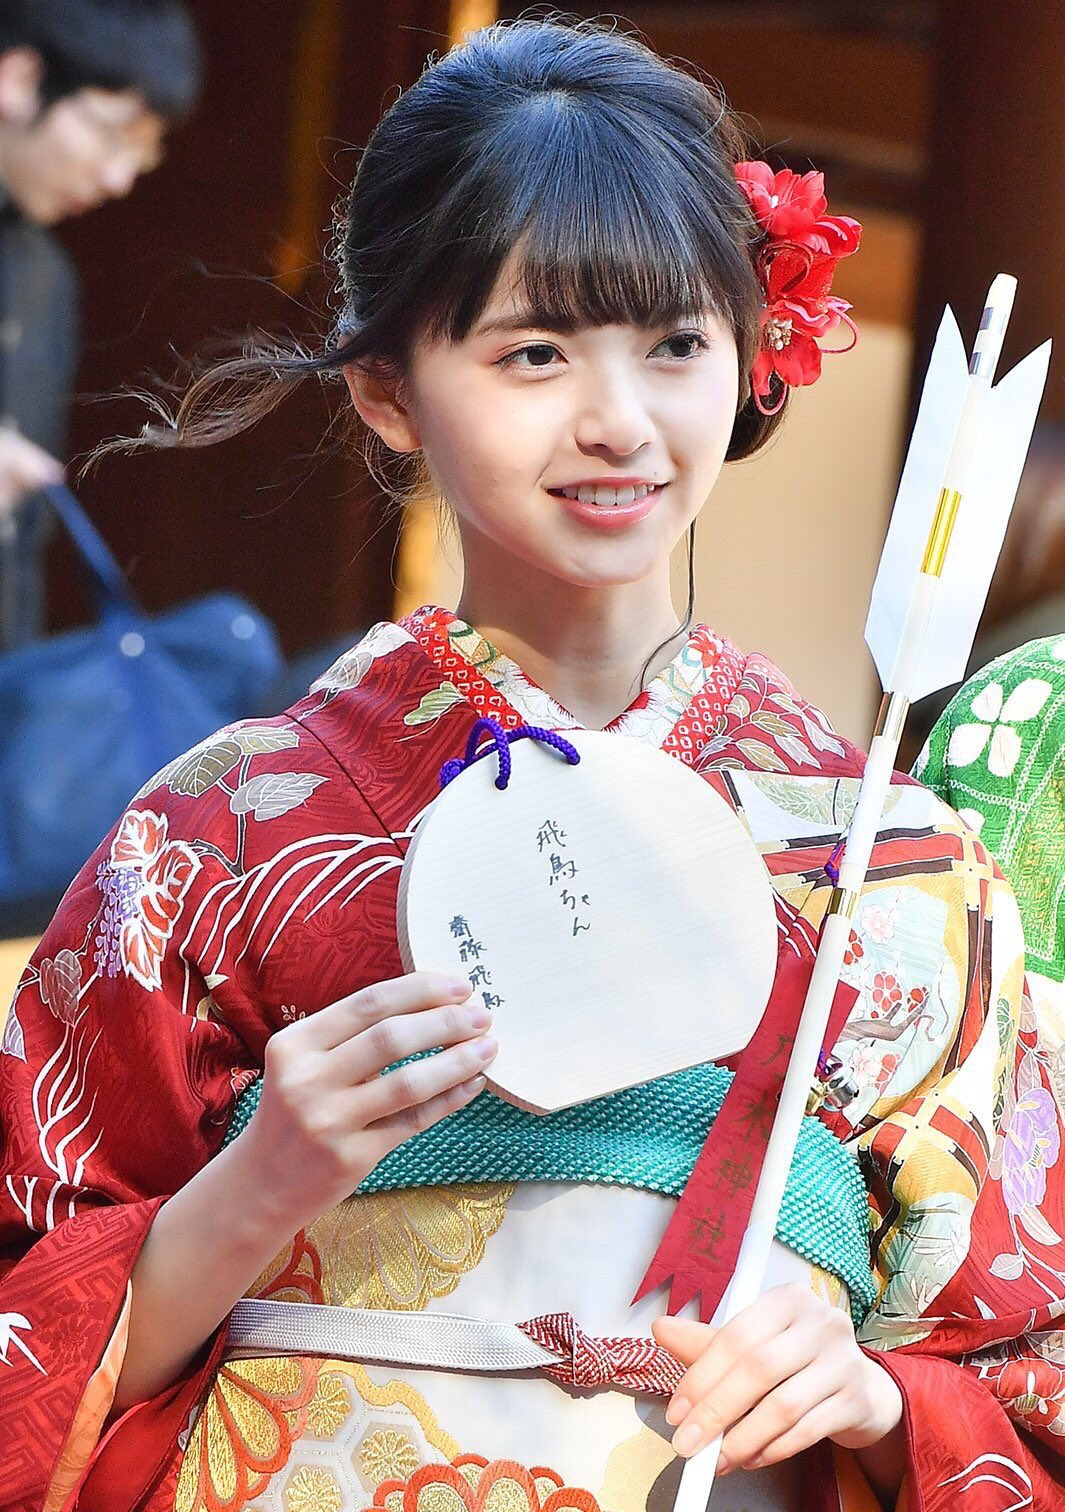 saitou_asuka036.jpg